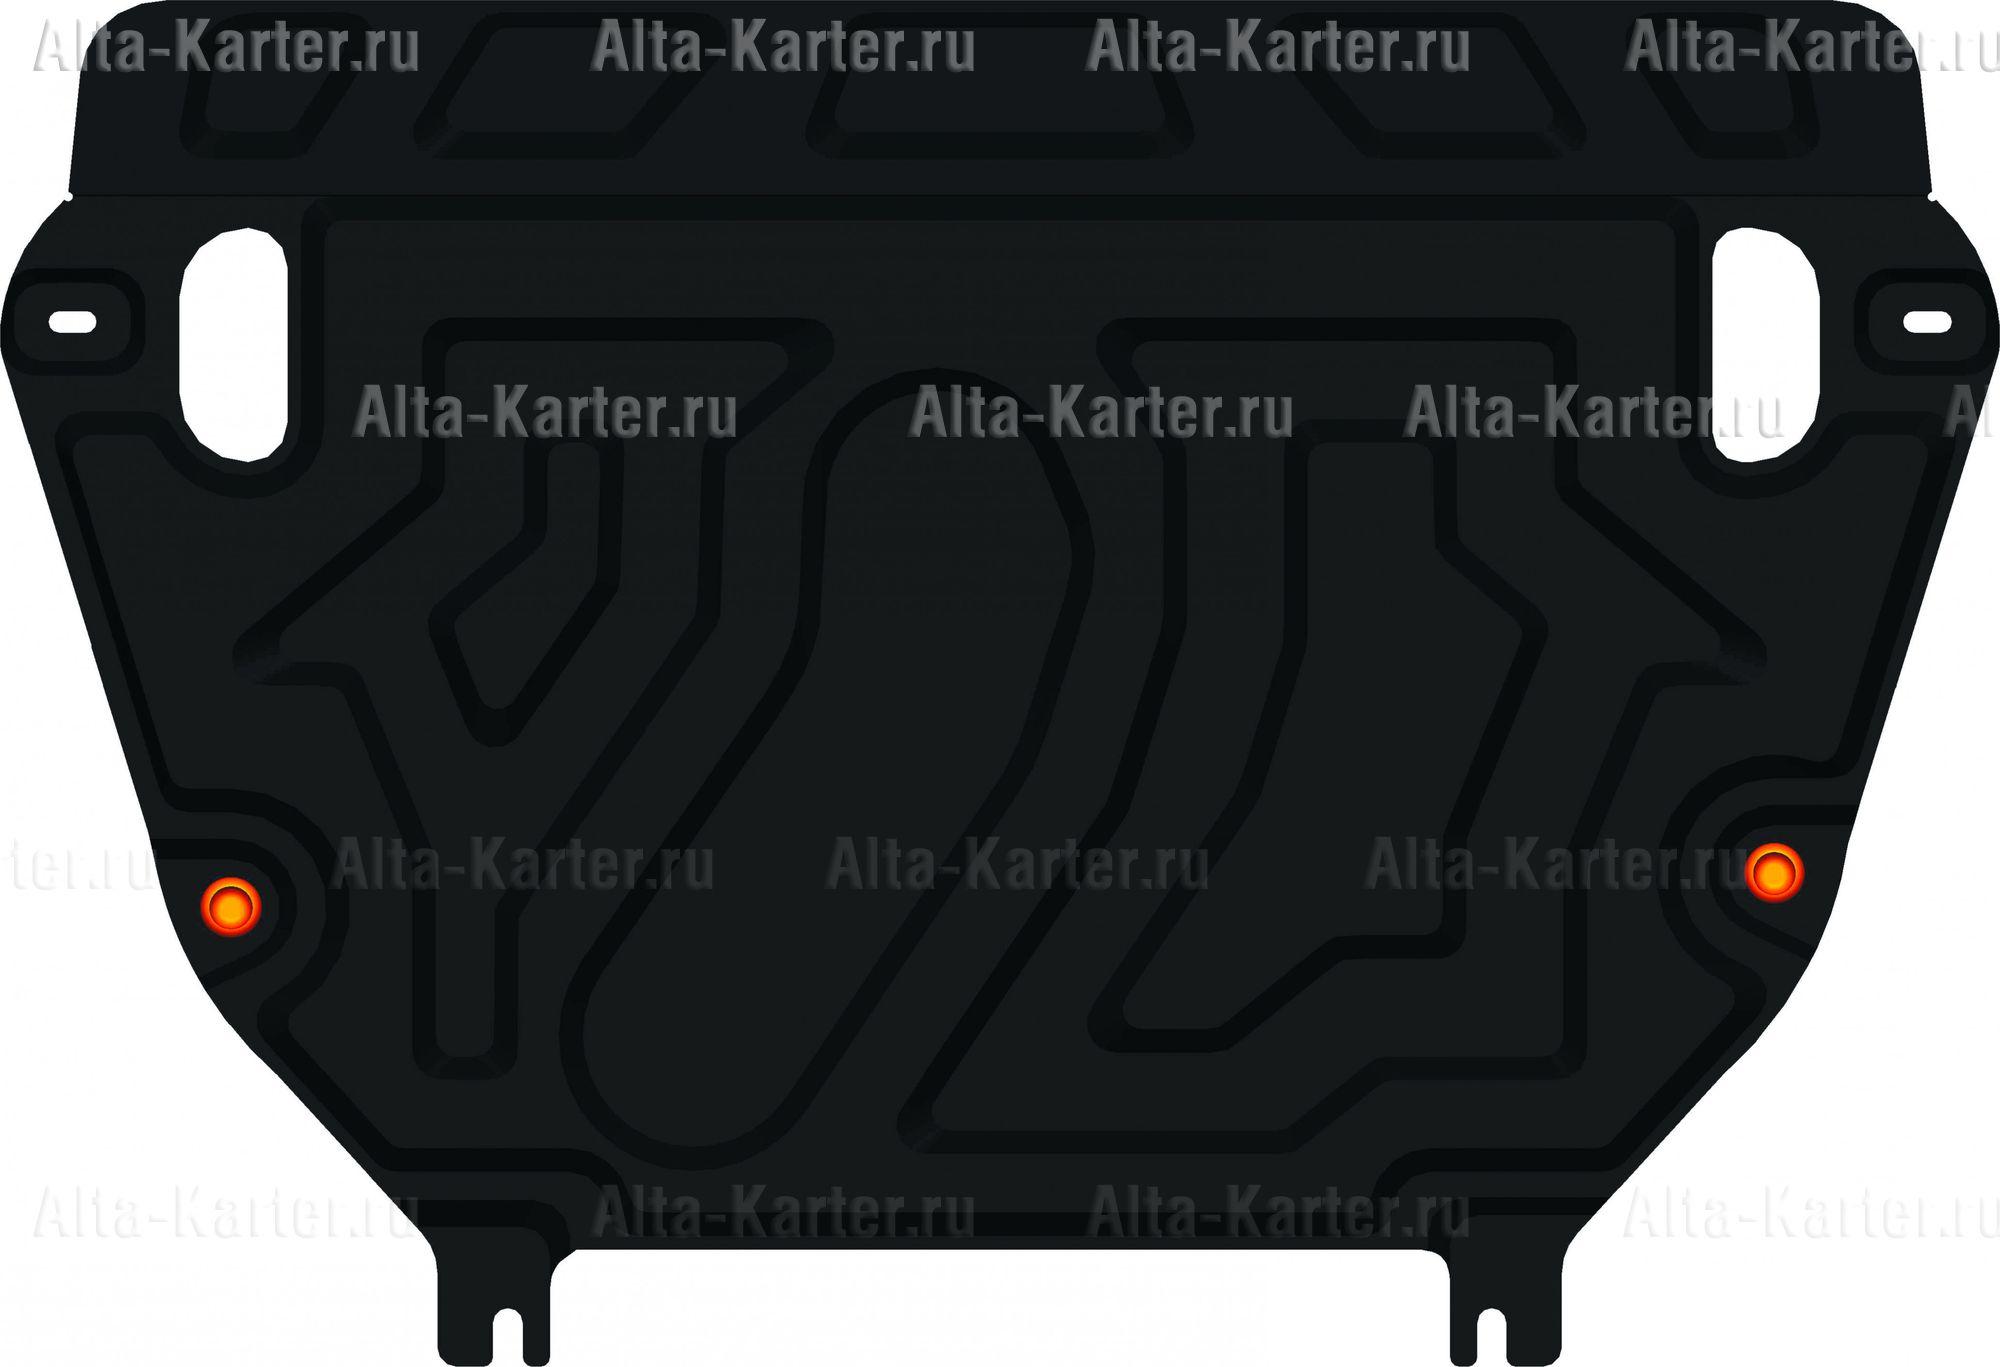 Защита Alfeco для картера и КПП Toyota RAV4 III 2010-2013 (на штатный пыльник). Артикул ALF.24.66 st